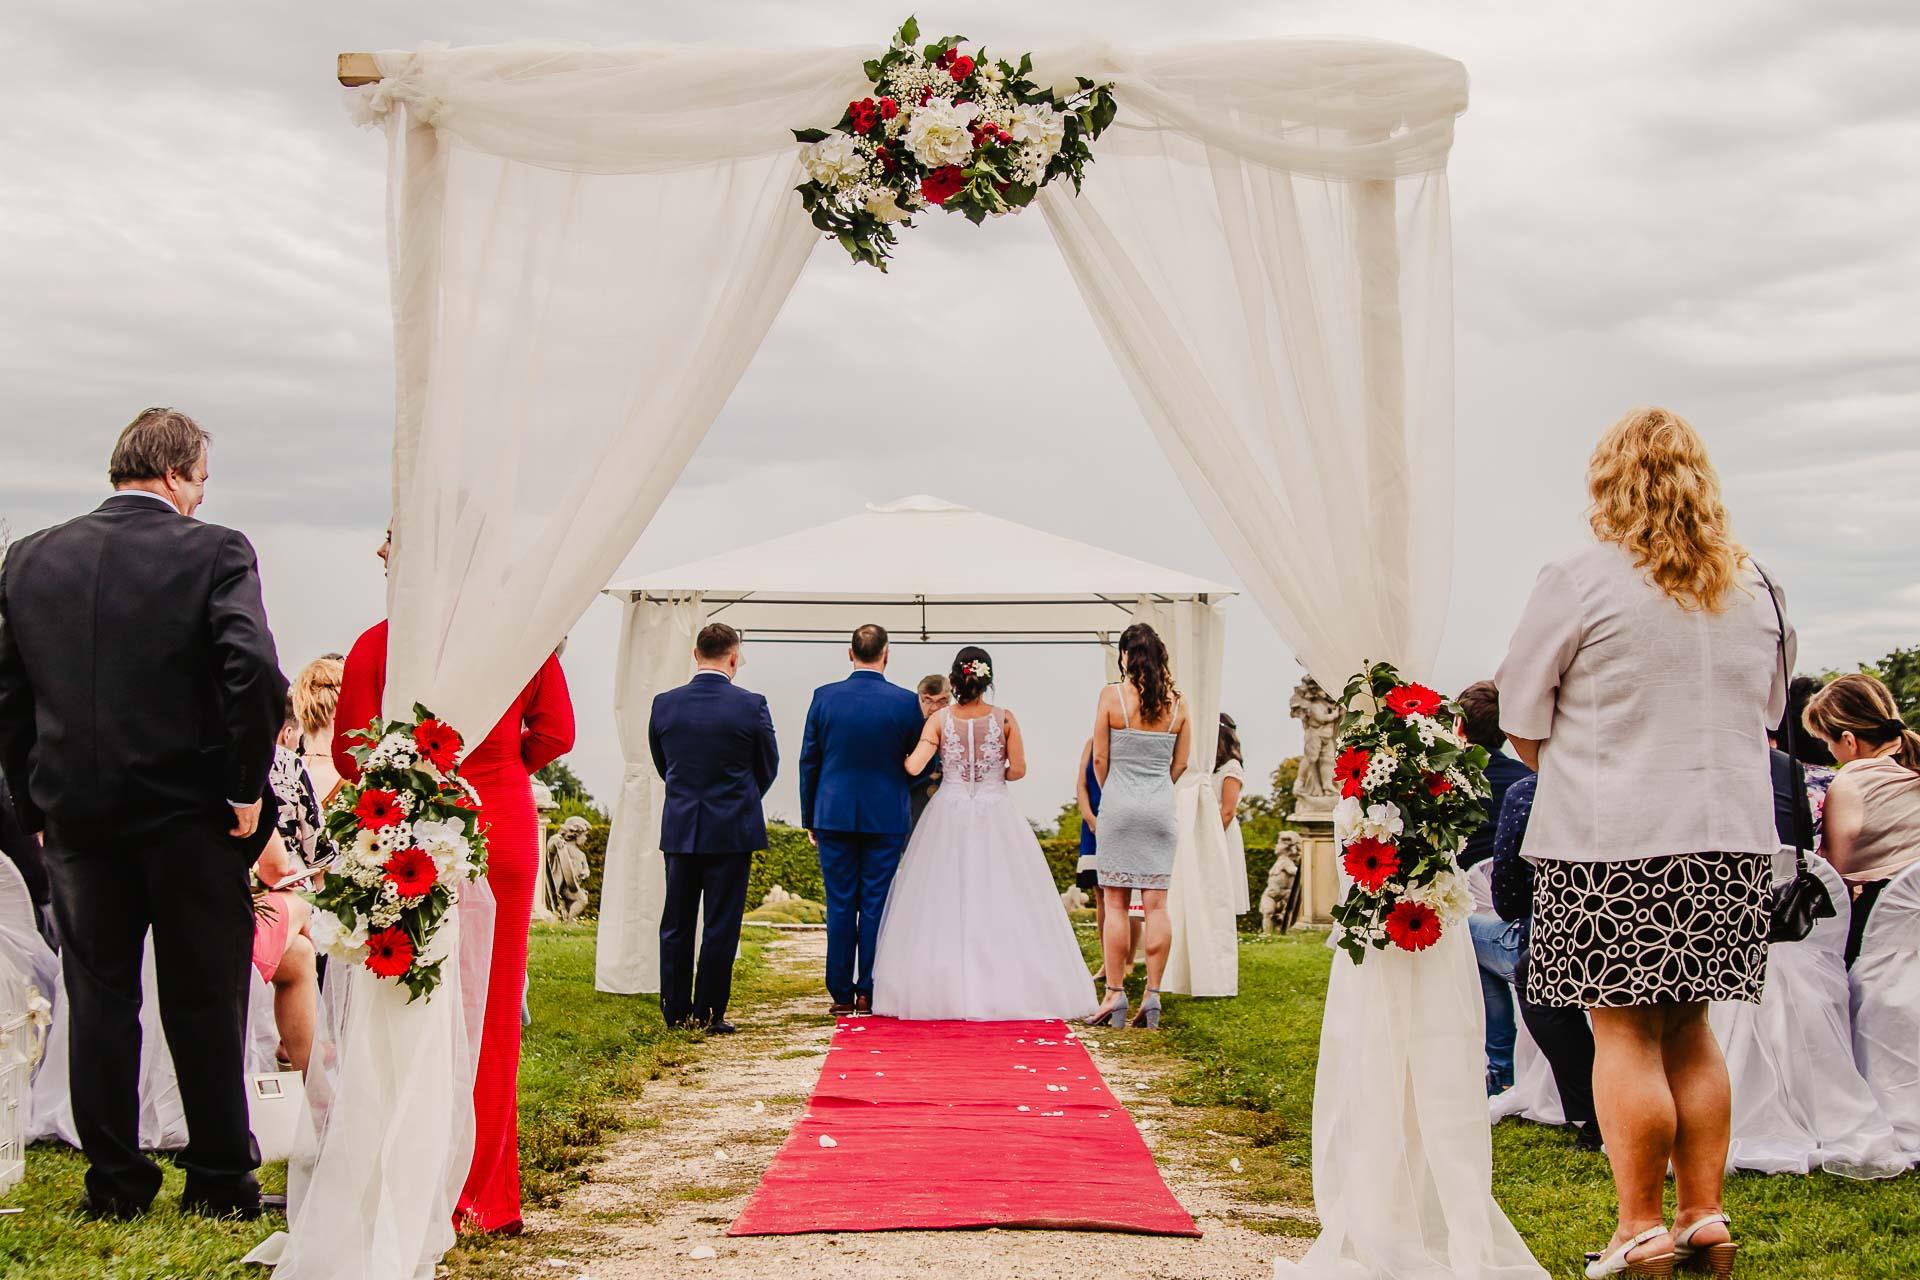 příprava-svatebního-obřadu-Lysá-nad-Labem-svatební-agentura-Svatbavenku-30